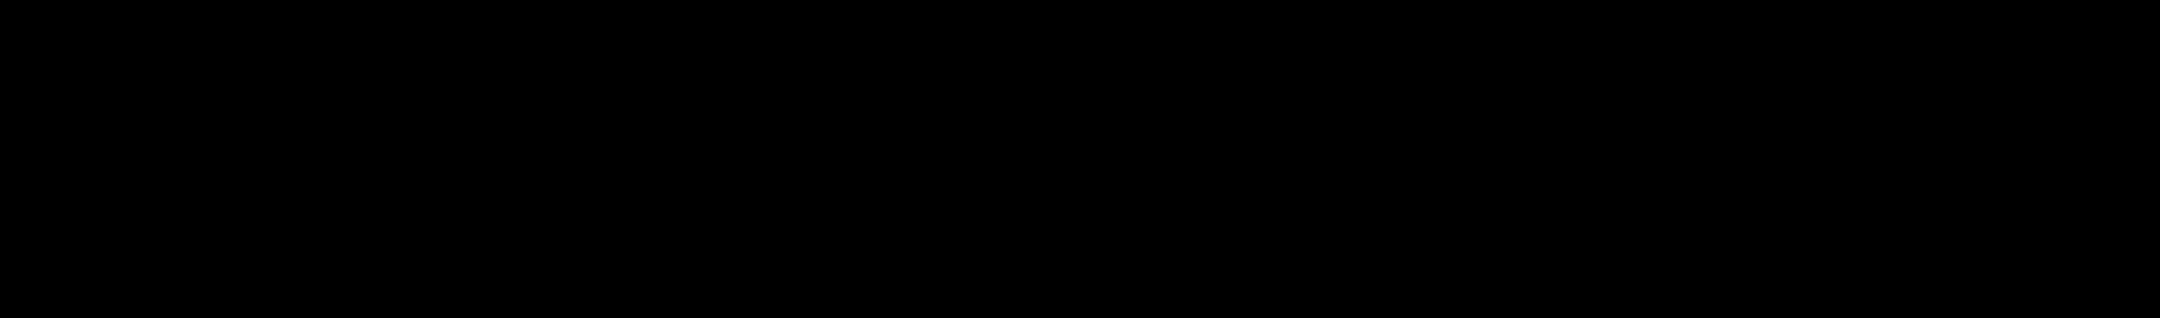 morgan stanley logo 1 - Morgan Stanley Logo